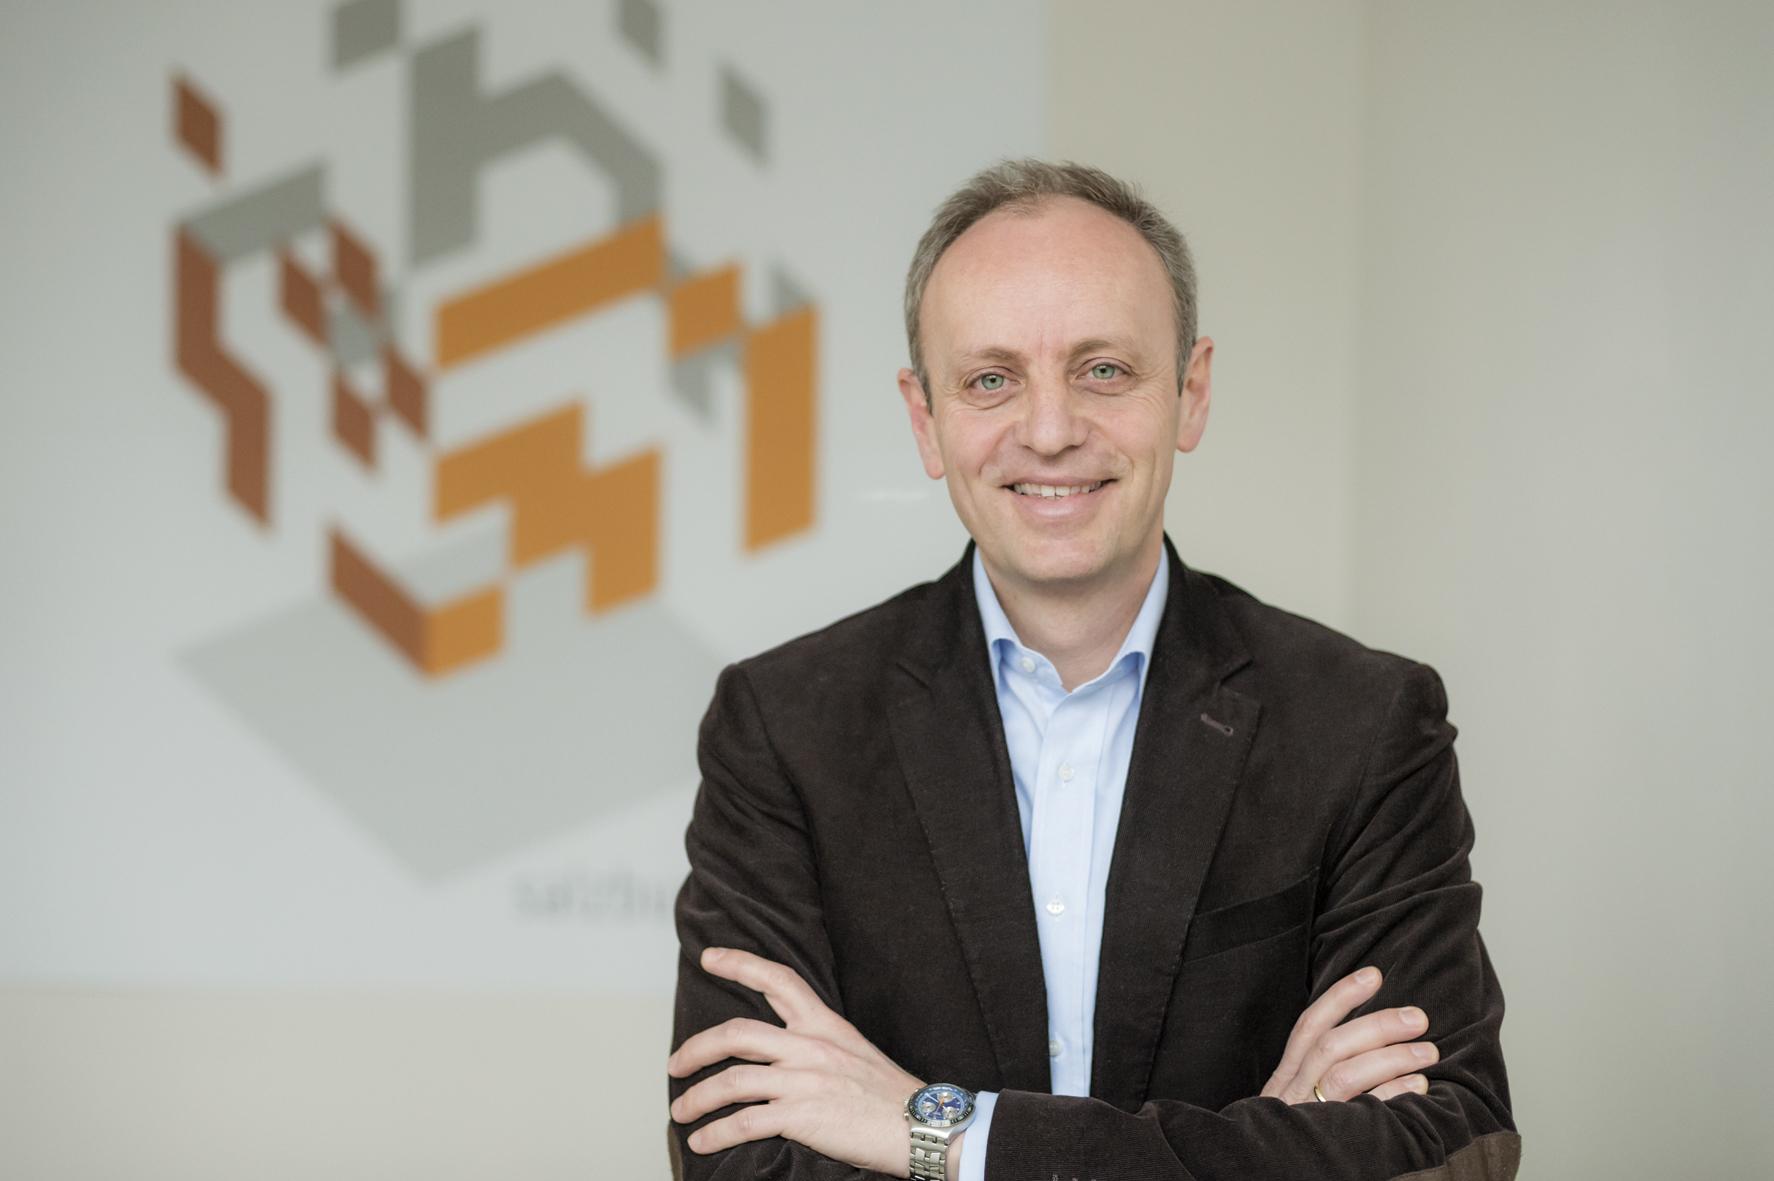 Univ.-Doz. Dr. Siegfried Reich, Geschäftsführer © Salzburg Research/Bryan Reinhart Photography